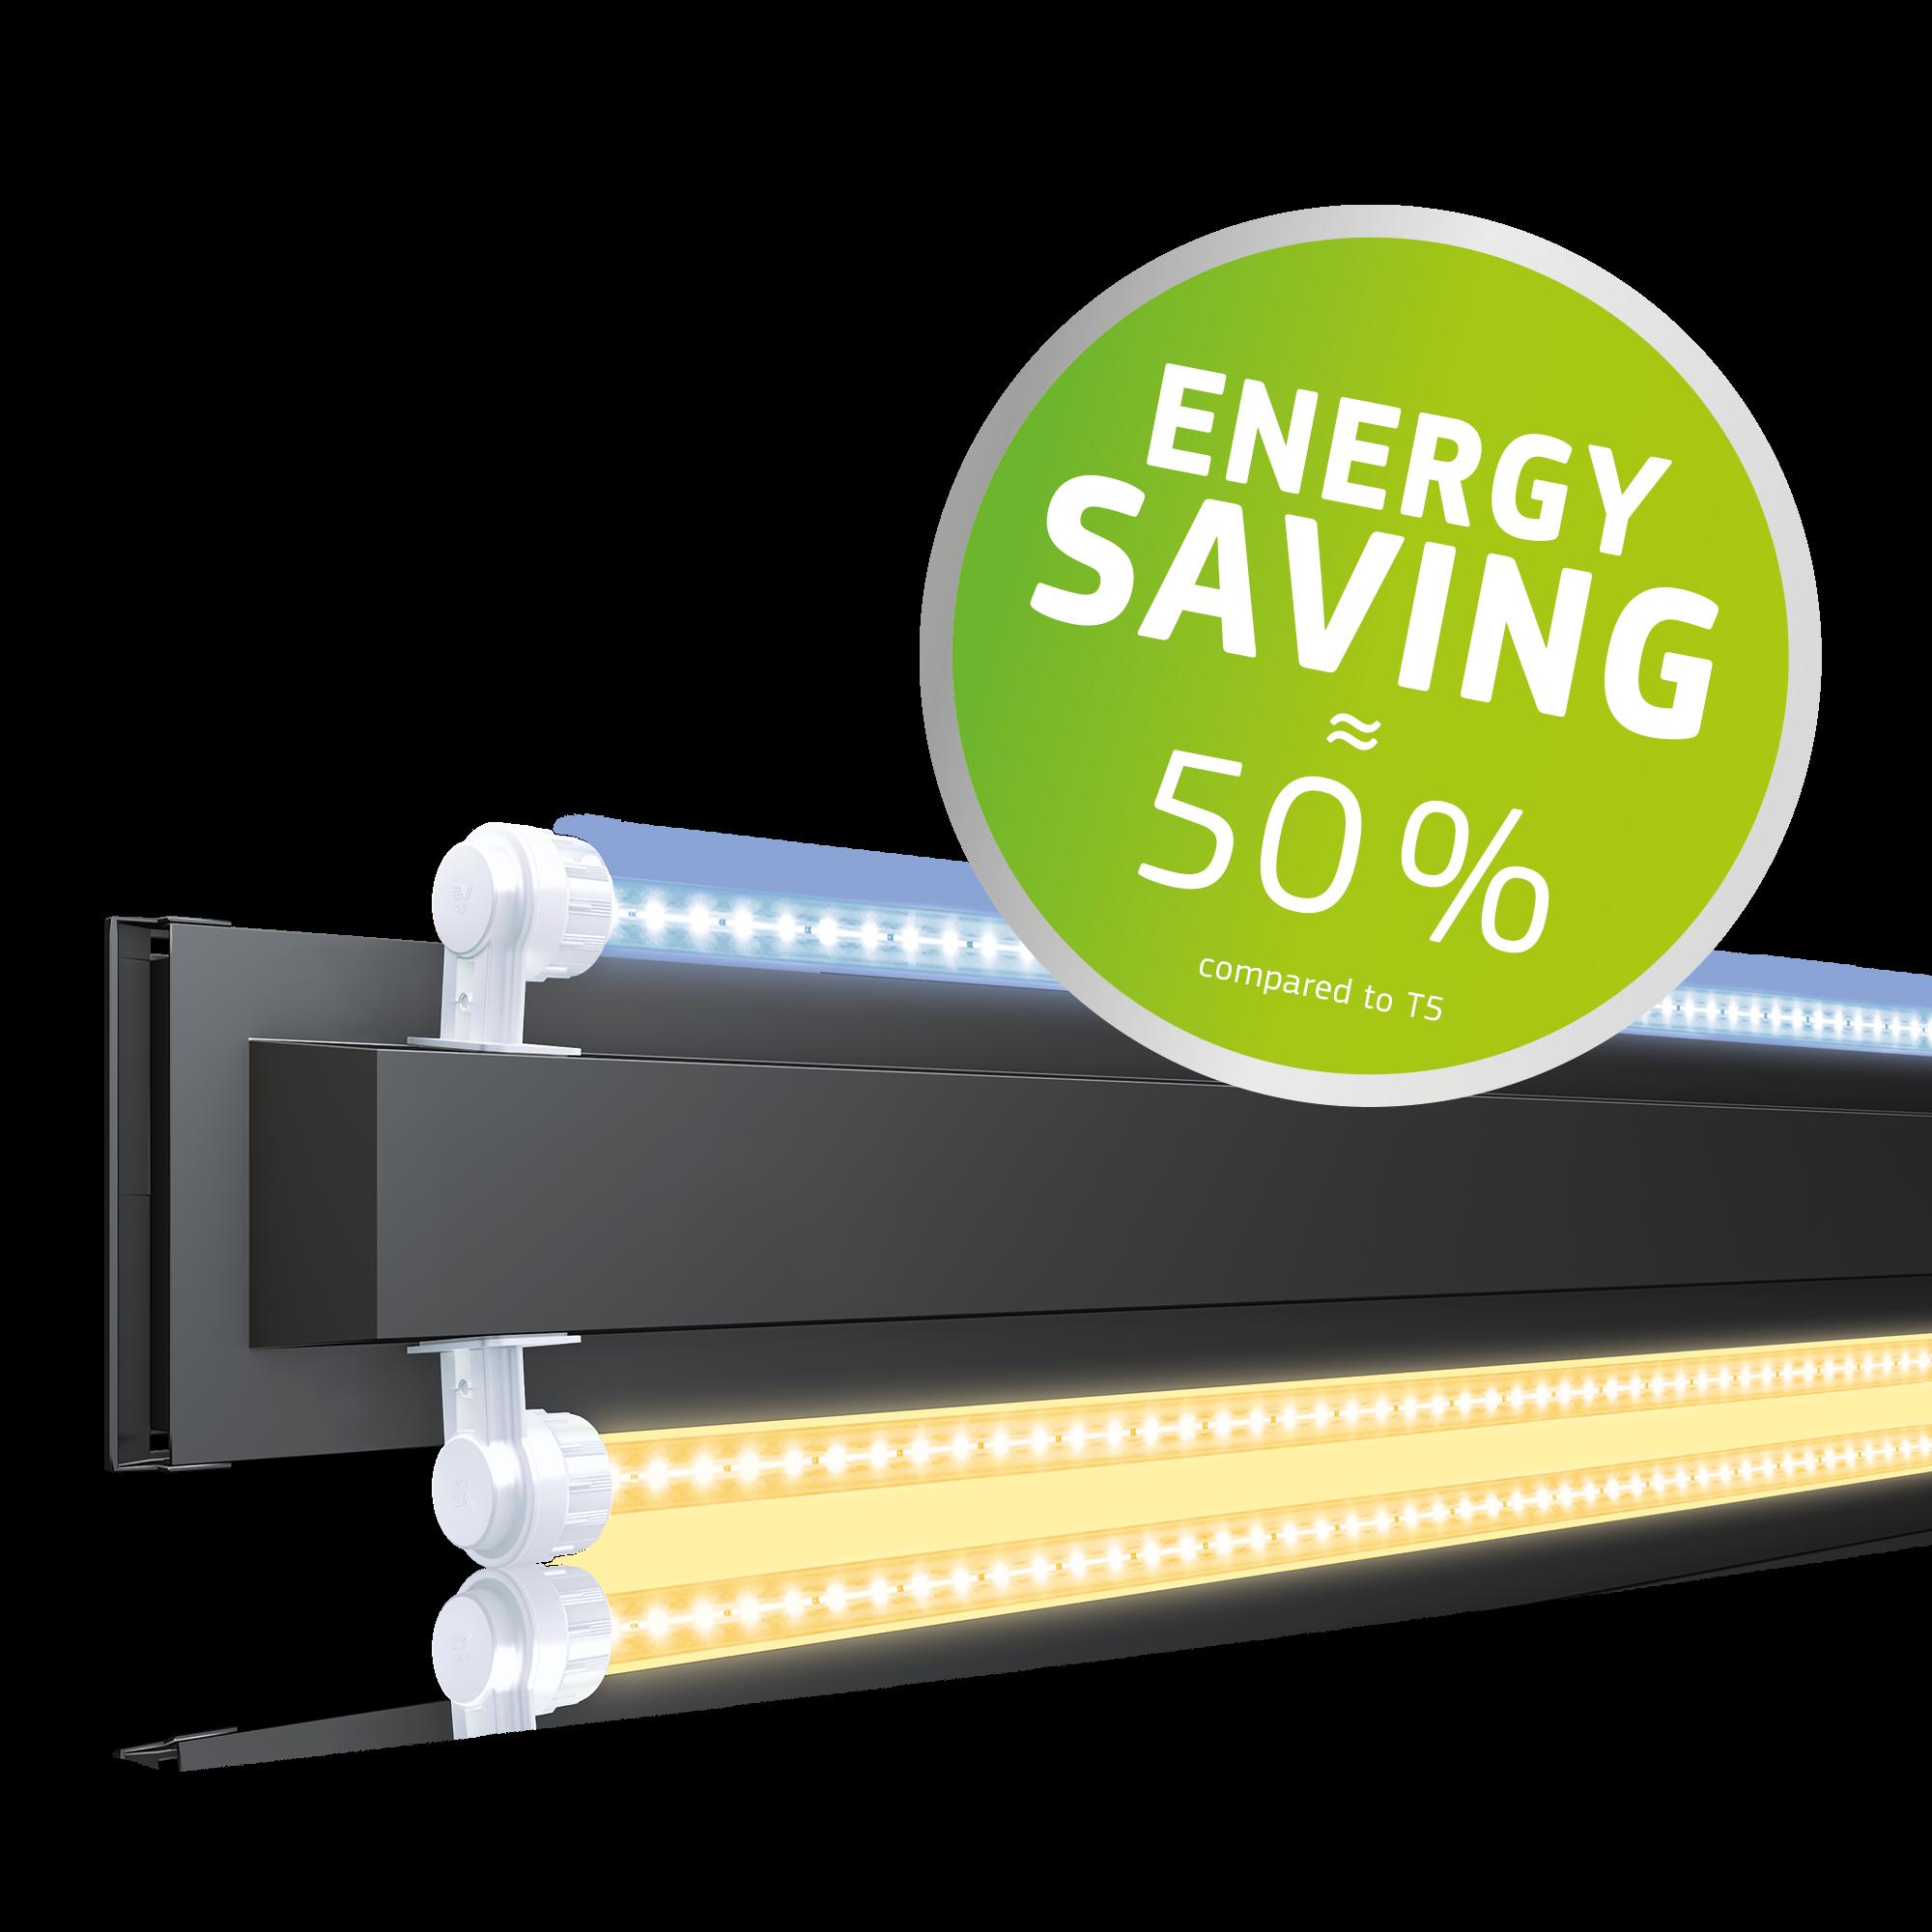 50% d'économie d'énergie par rapport à un éclairage T5